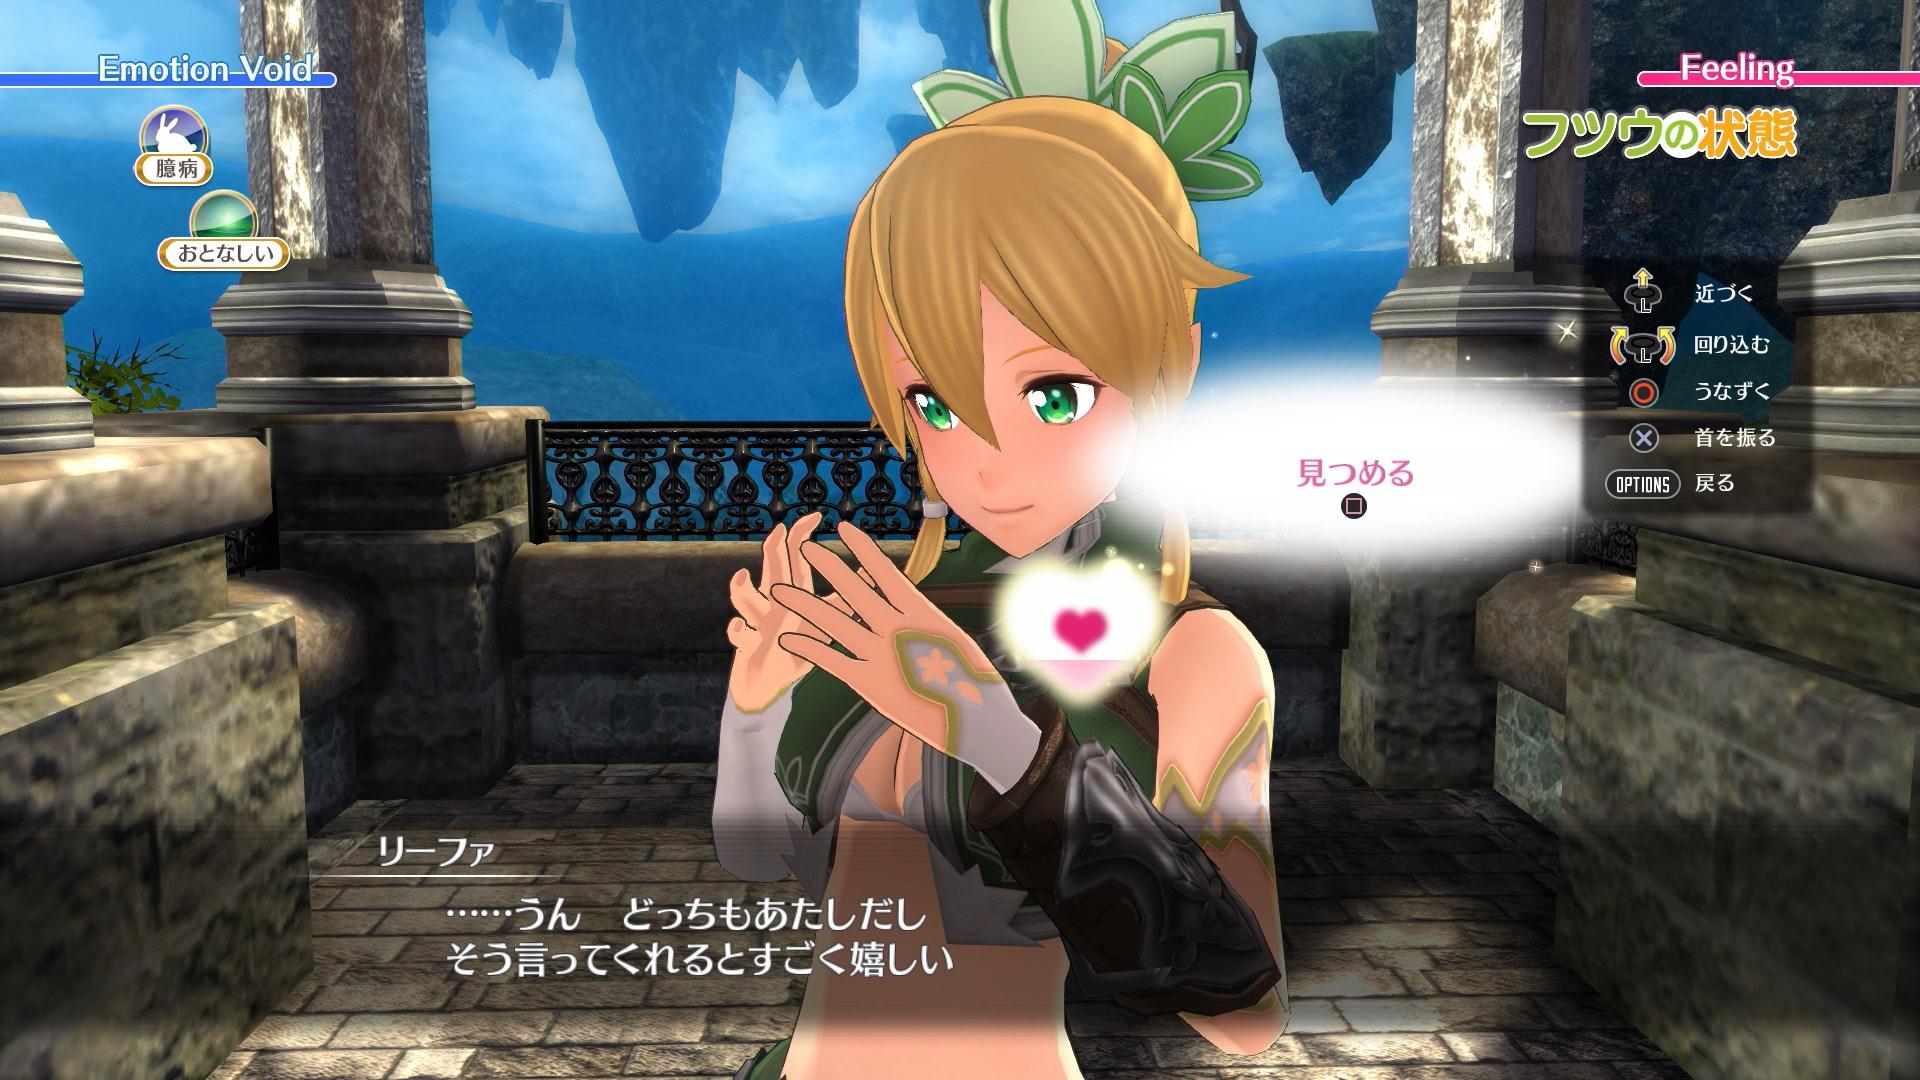 Komunikaci ve Sword Art Online: Hollow Realization budou ovlivňovat pocity 128318